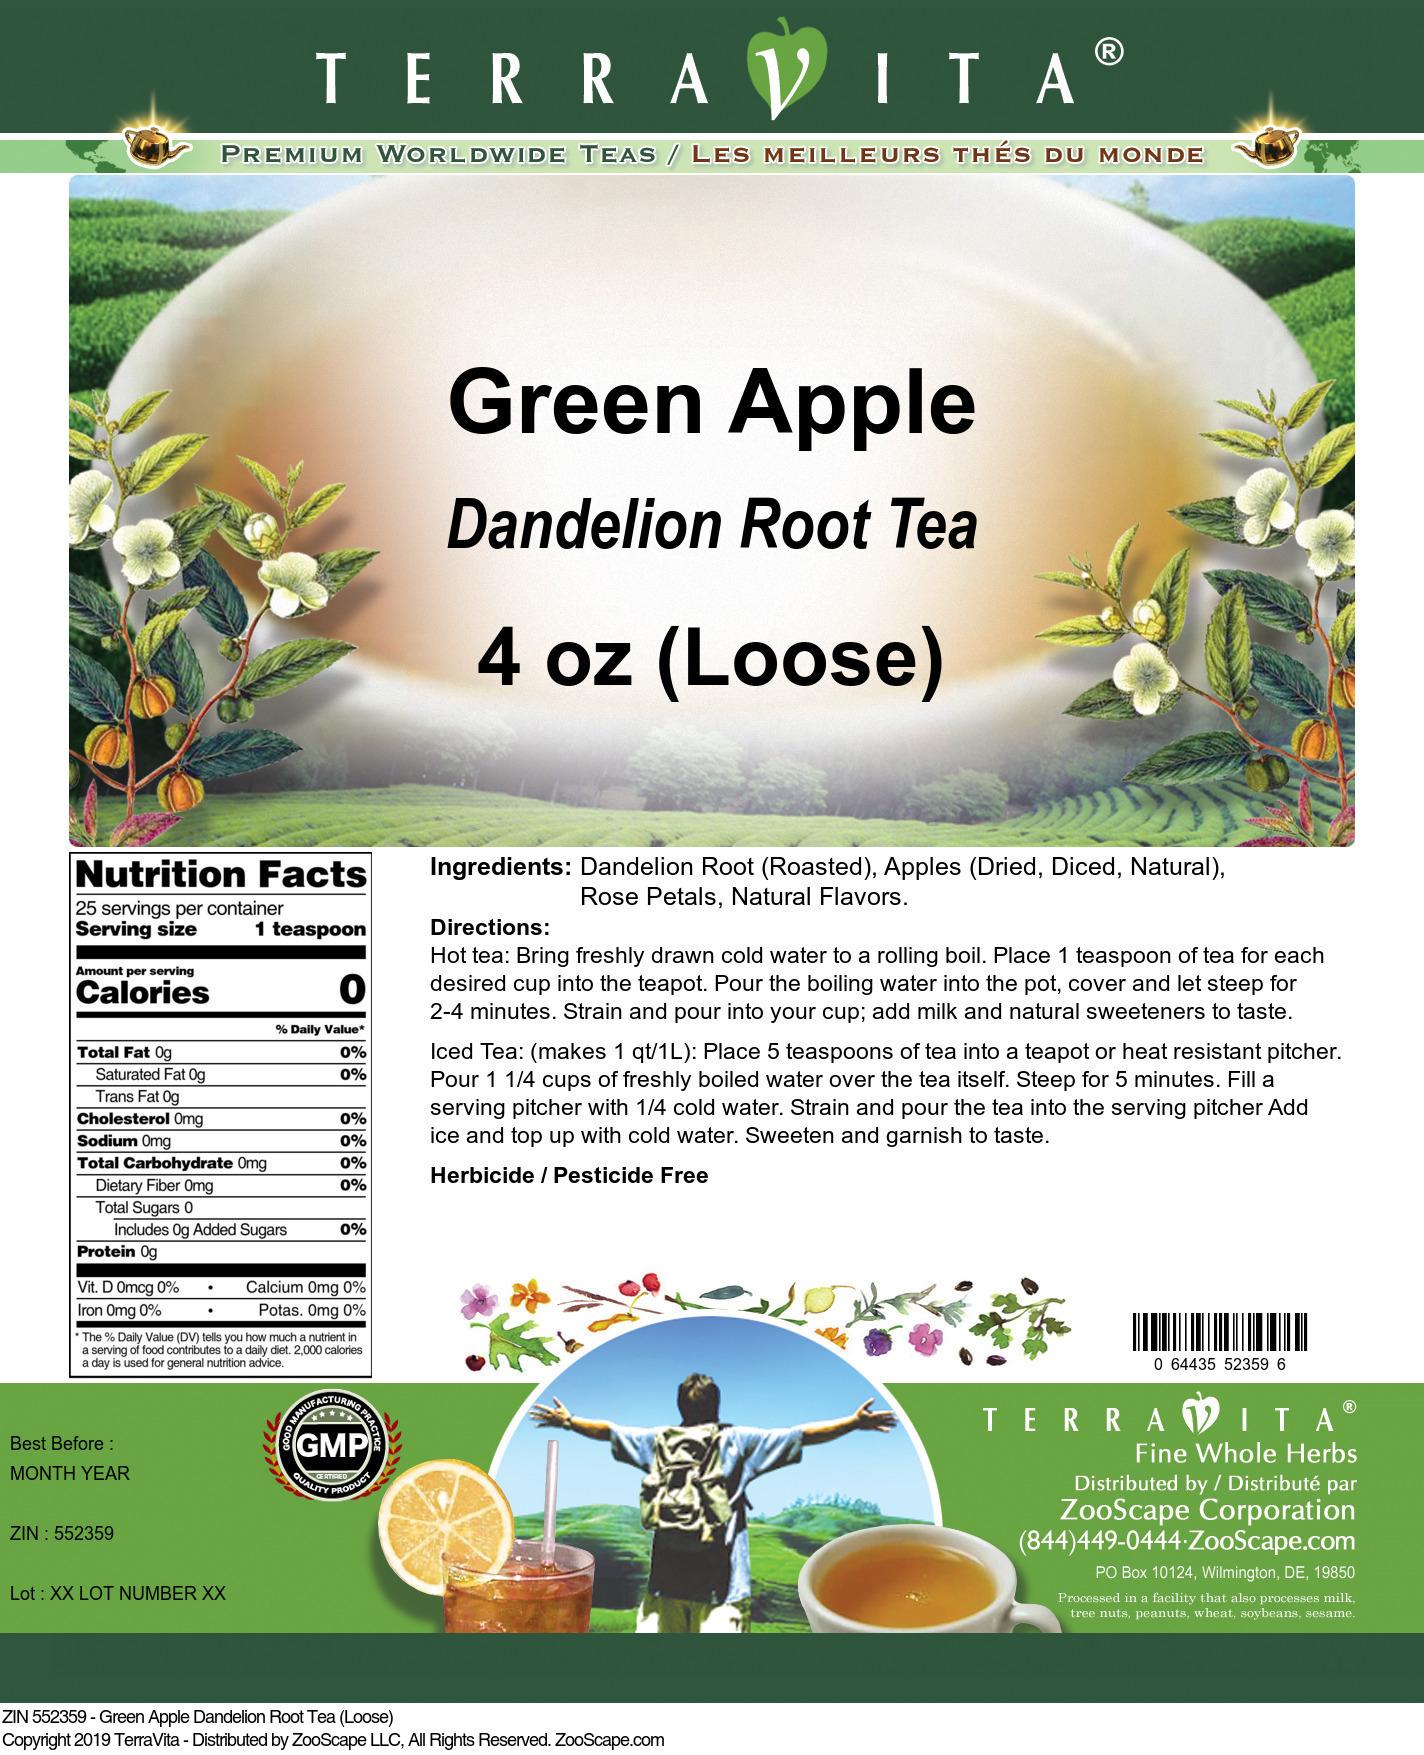 Green Apple Dandelion Root